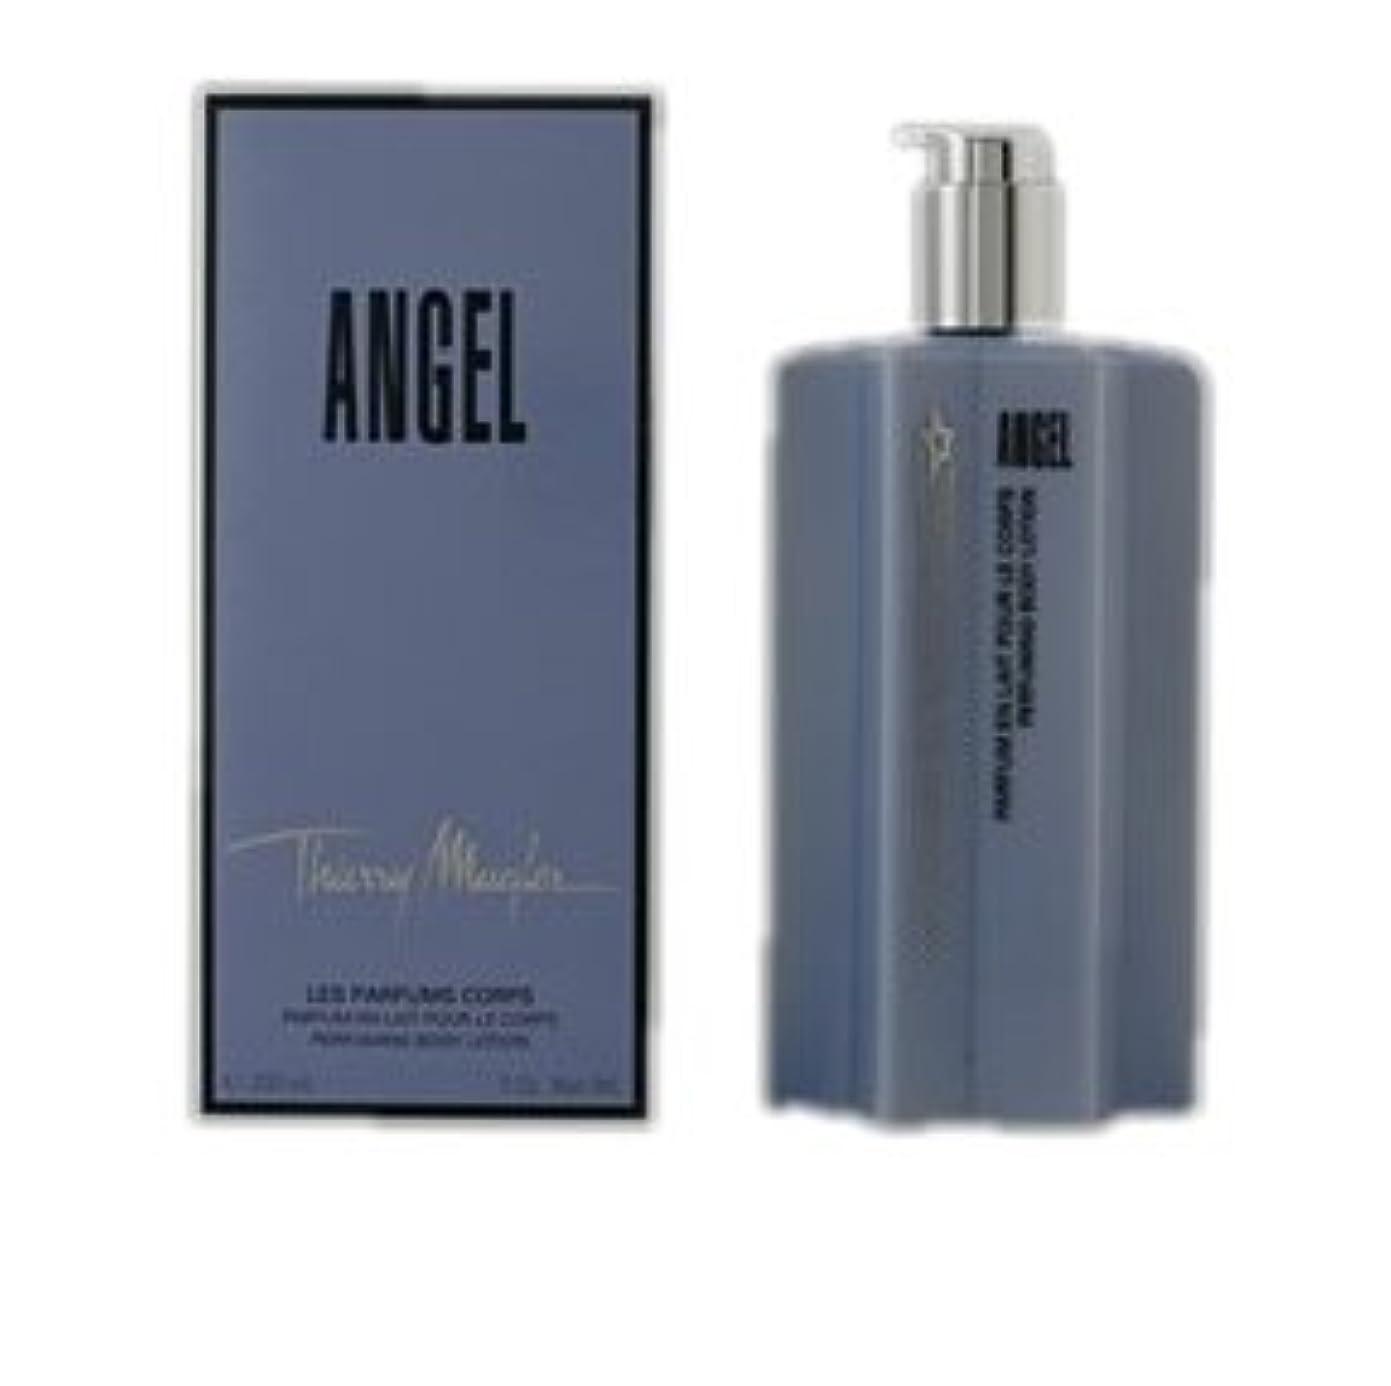 傾いたうんざりプログレッシブThierry Mugler Angel Perfuming Body Lotion 200ml [並行輸入品]